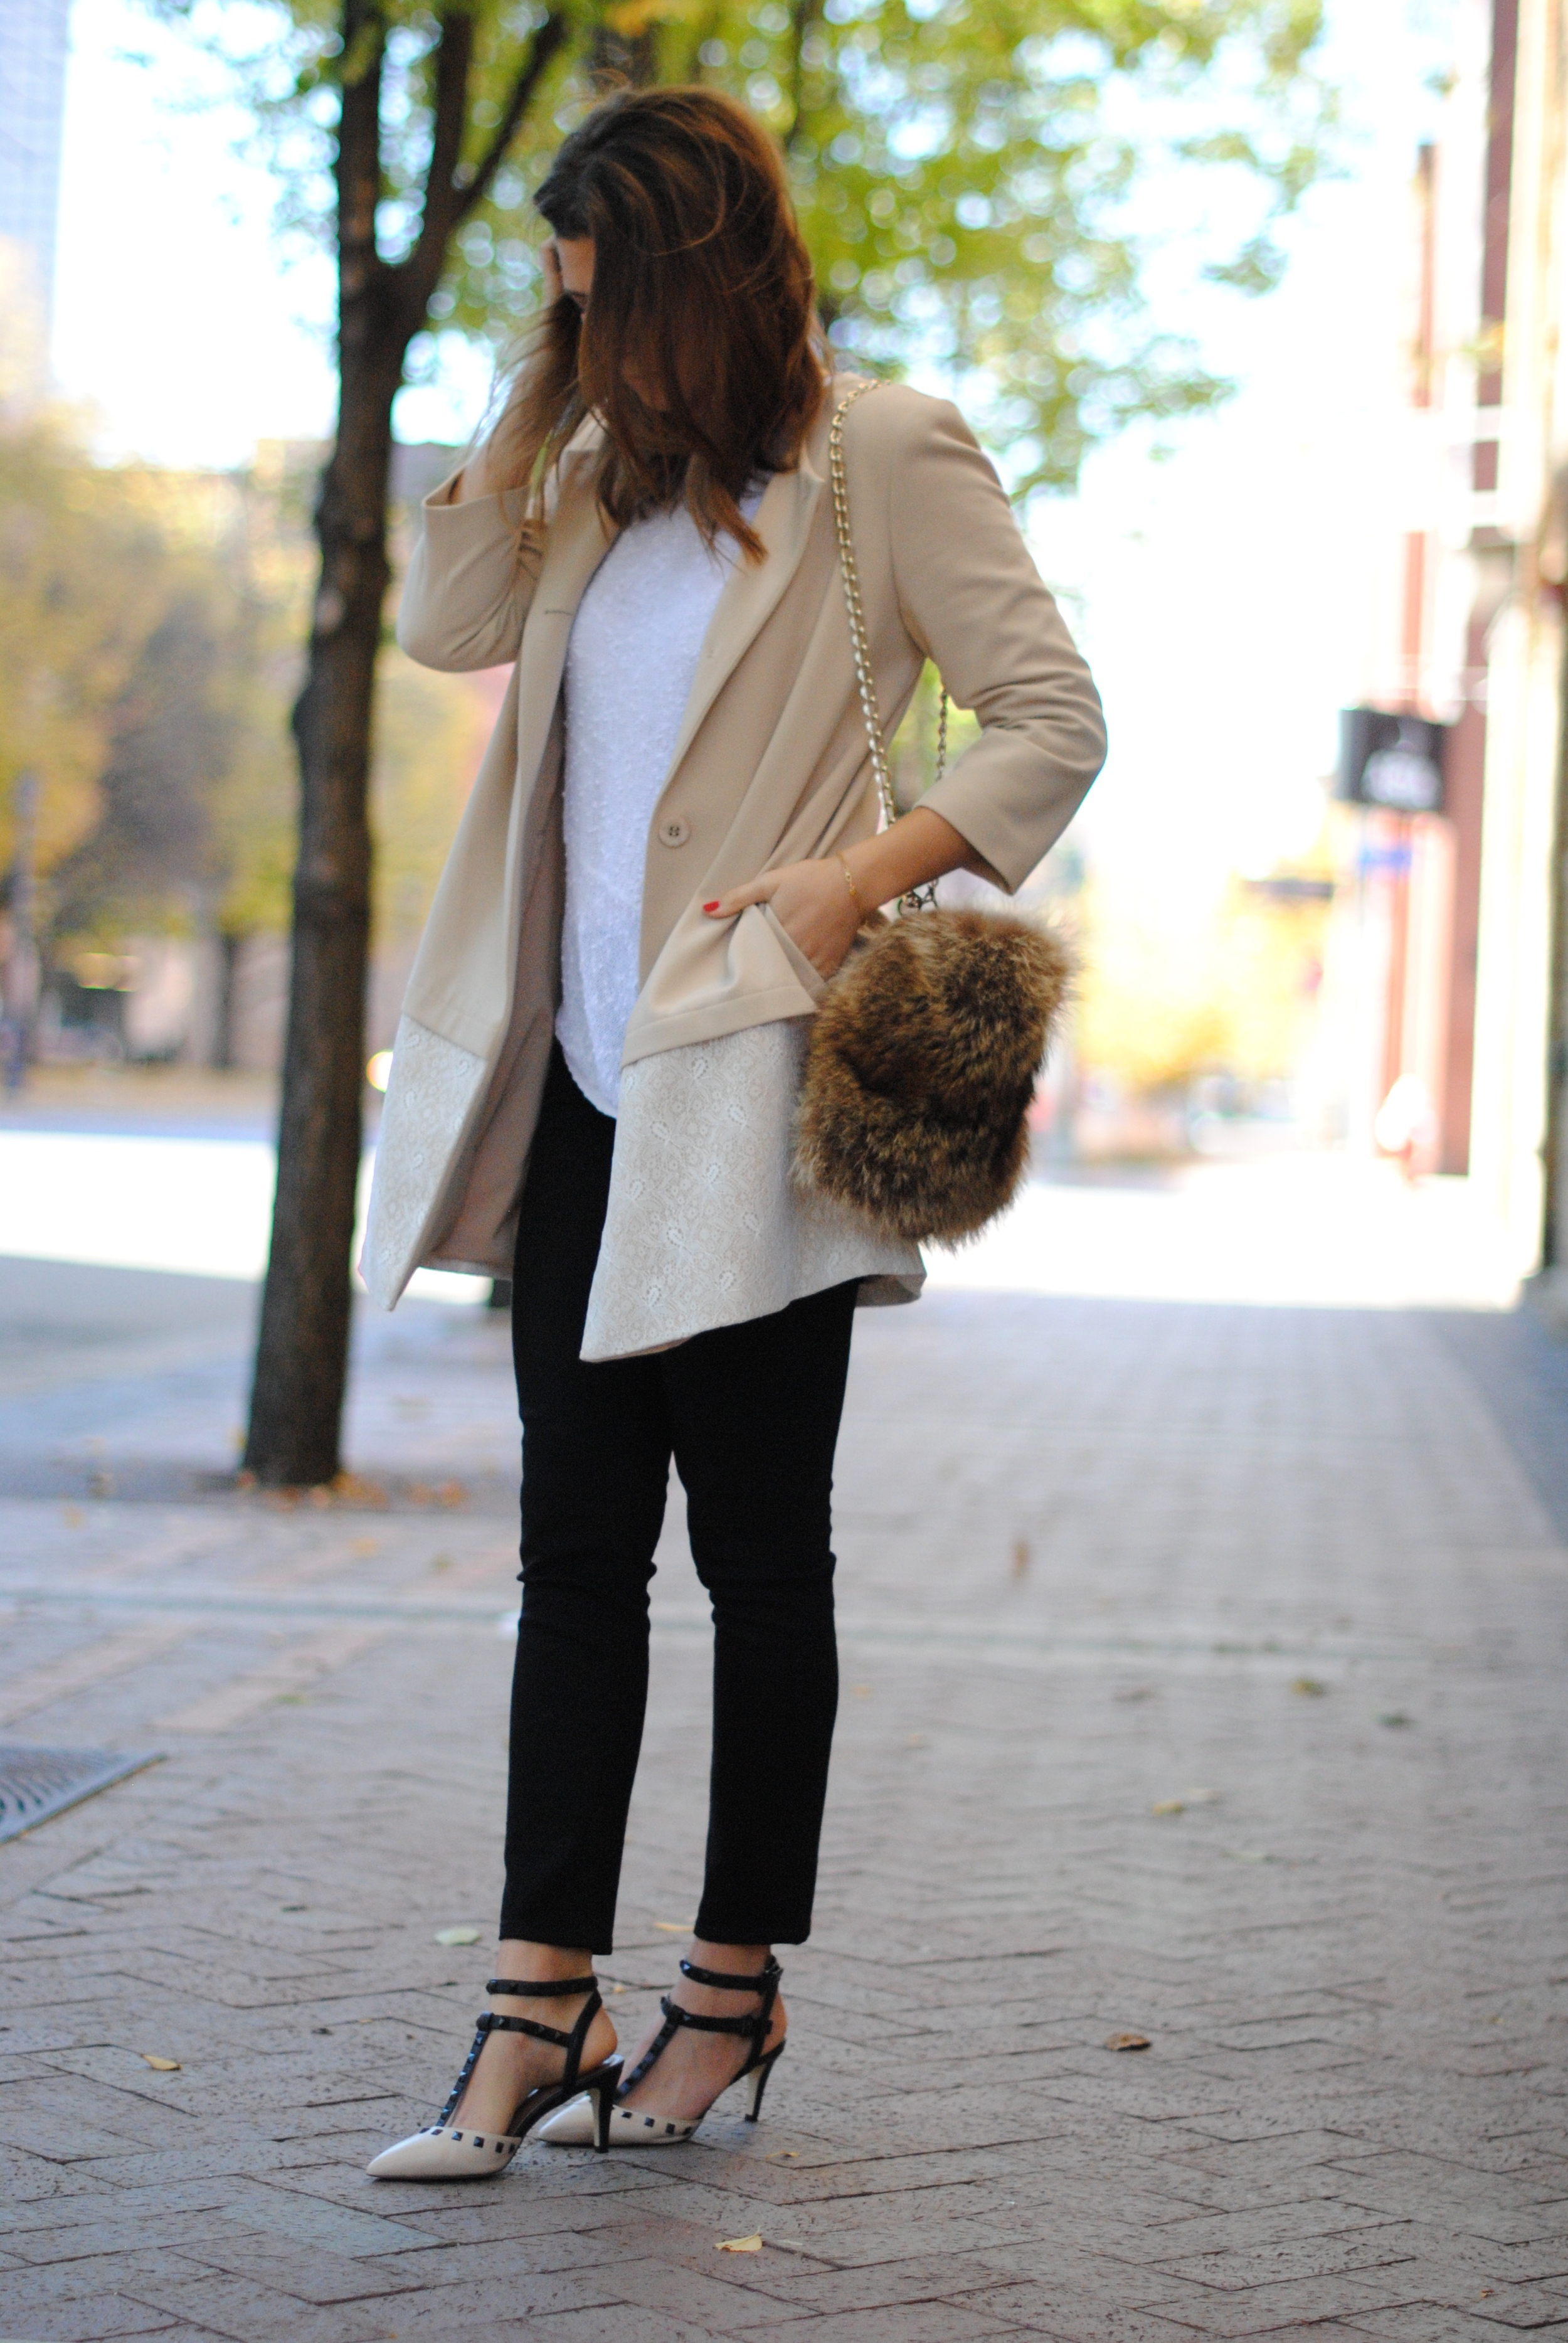 Nordstrom coat, alternative  here   Club Monaco sweater, alternative  here    J. Crew jeans    Slingbacks , Valentino's  here   Vintage fur purse  Gorjana bracelet, alternative here